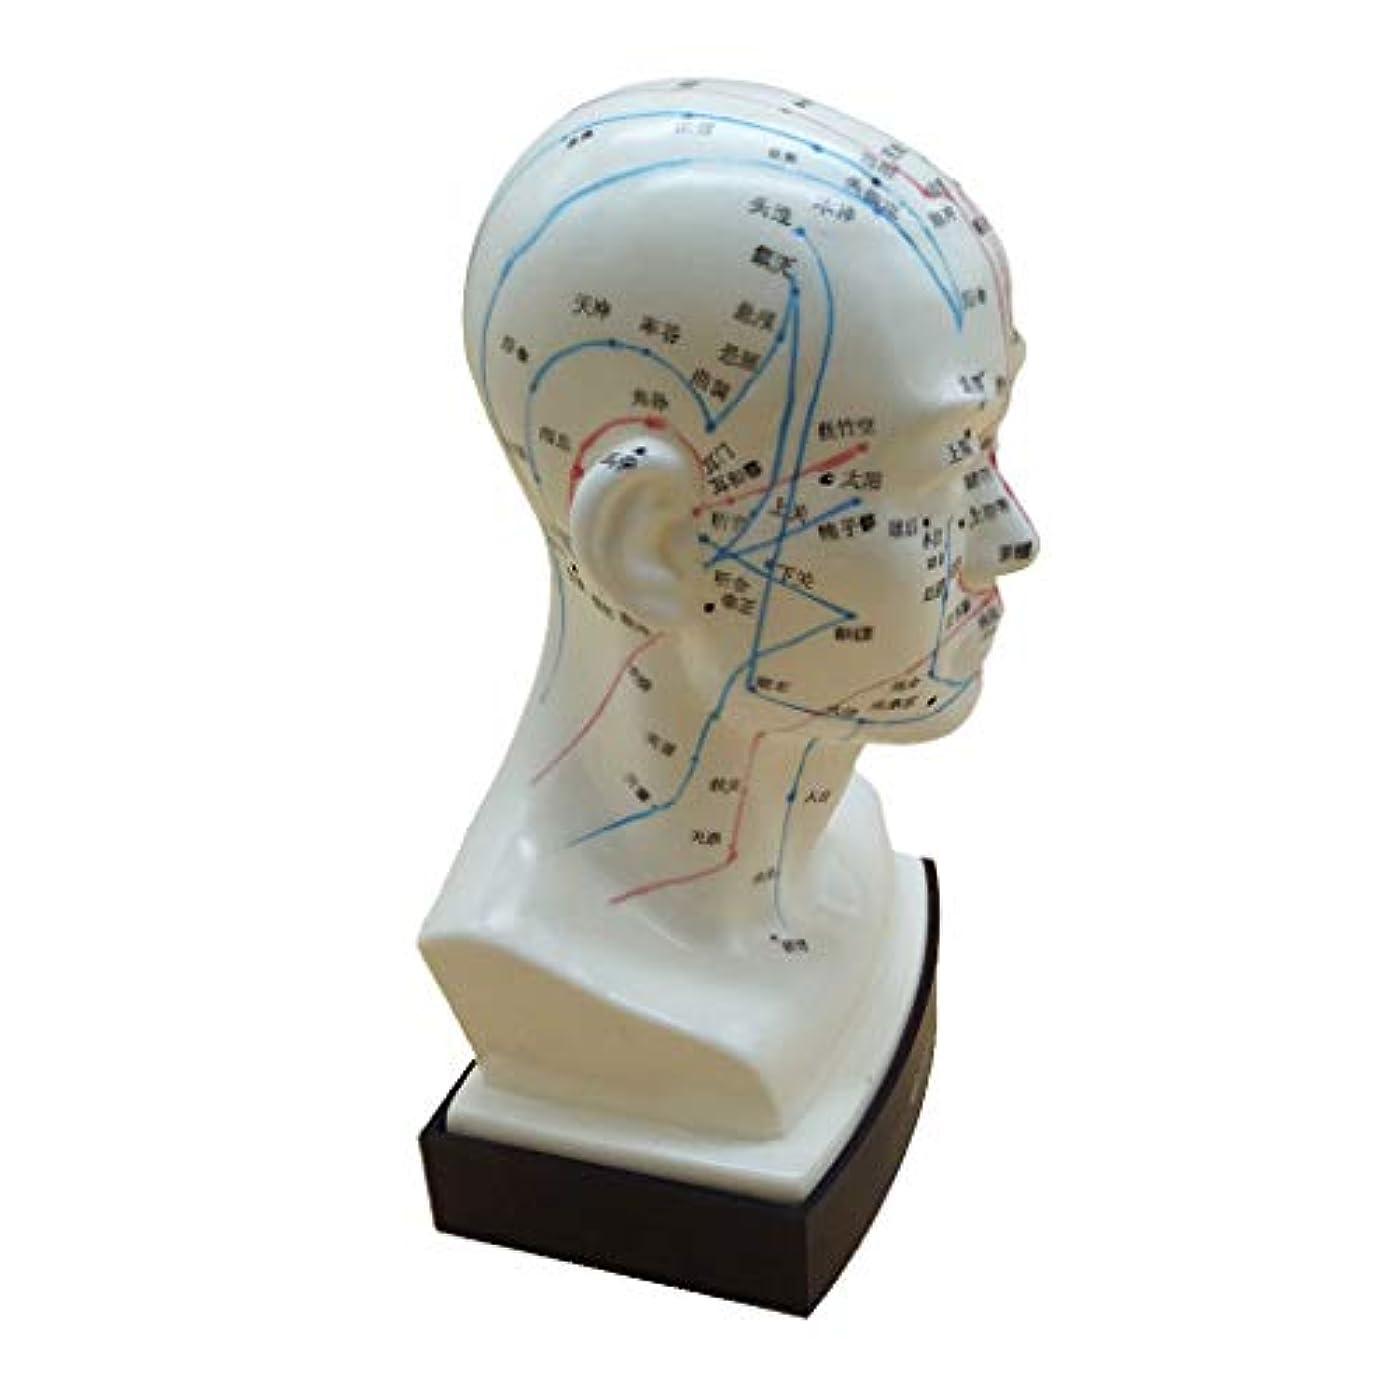 選出する権利を与える行政マッサージ モデル 中国語 指圧ポイント 人間の頭 経絡モデル